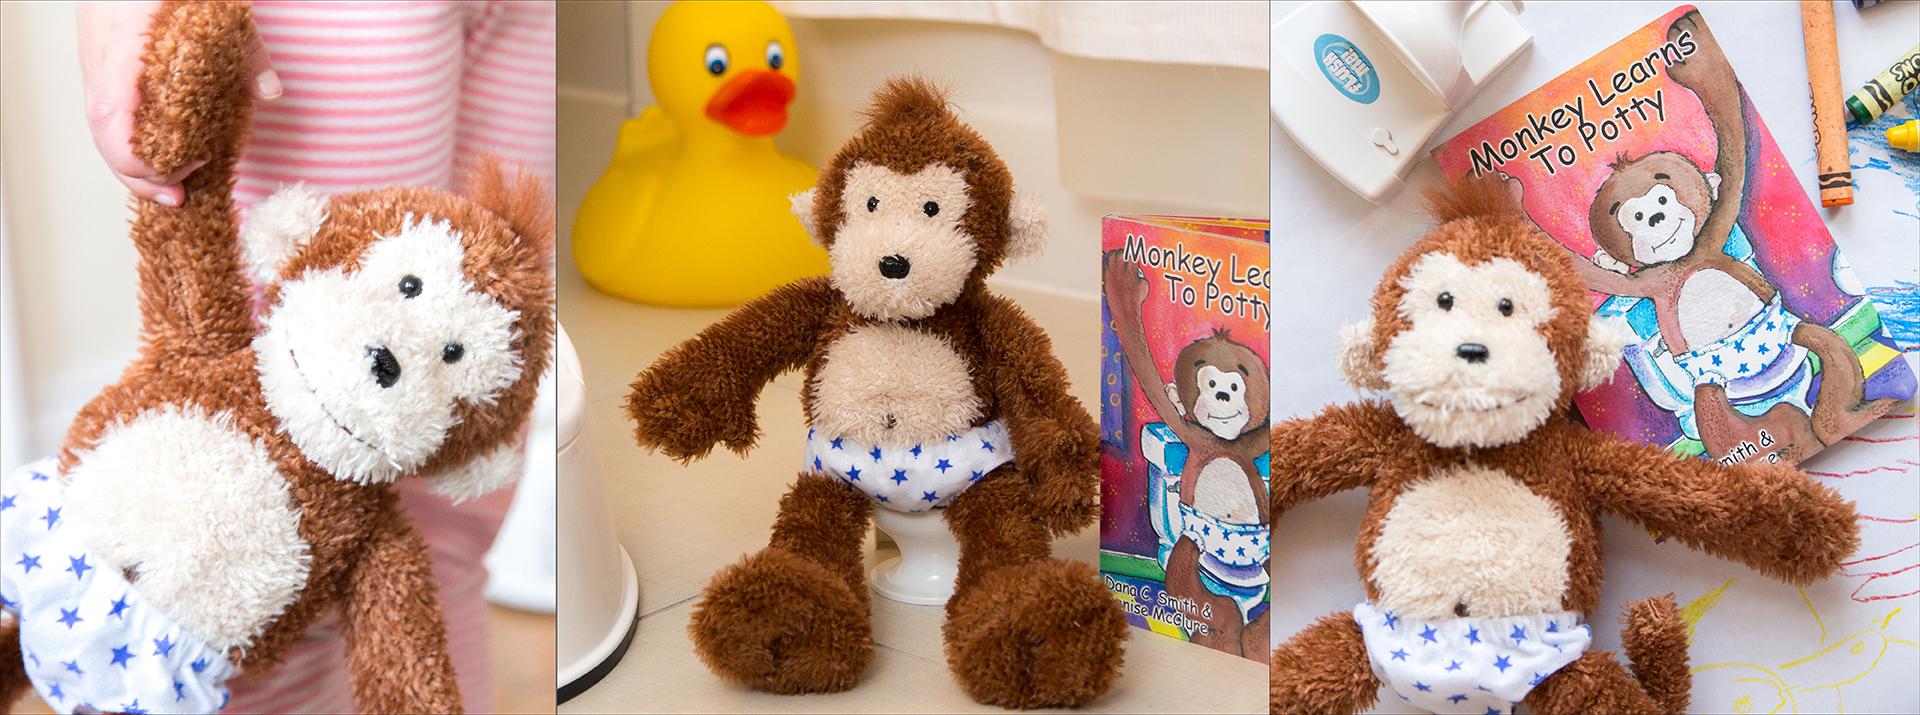 Potty Monkey potty training doll, toilet, book